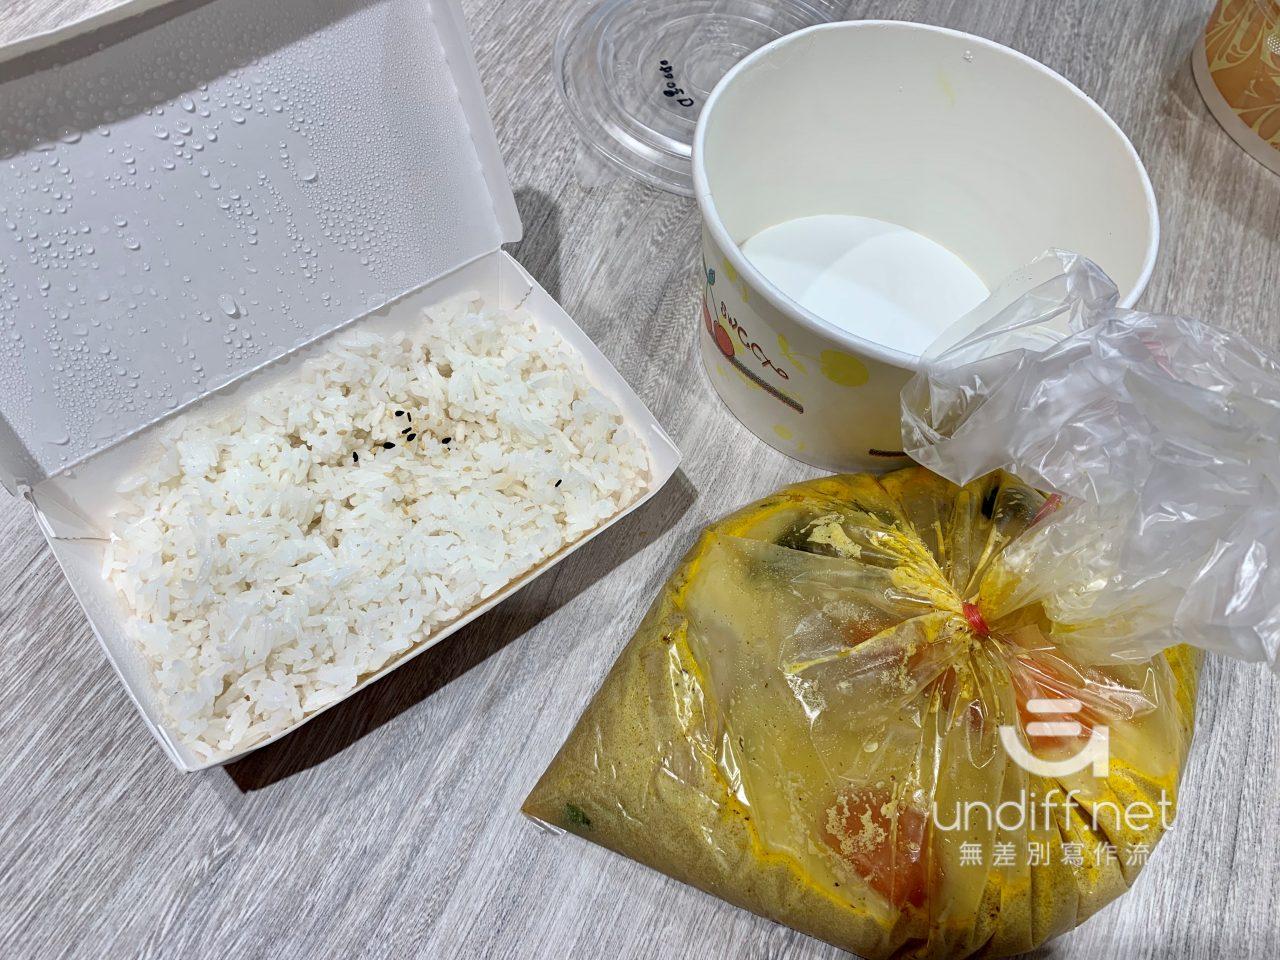 【內湖 訂便當日記】日嚐 Taste&Enjoy 南洋風味料理 20